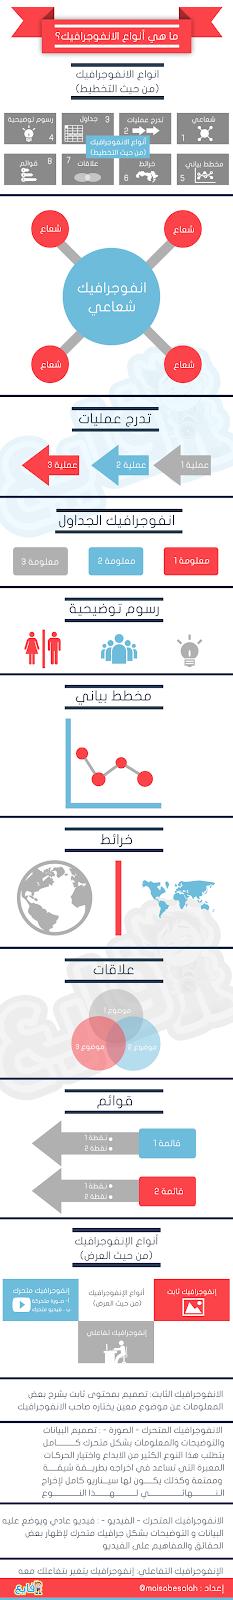 أنواع الإنفوجرافيك #إنفوجرافيك